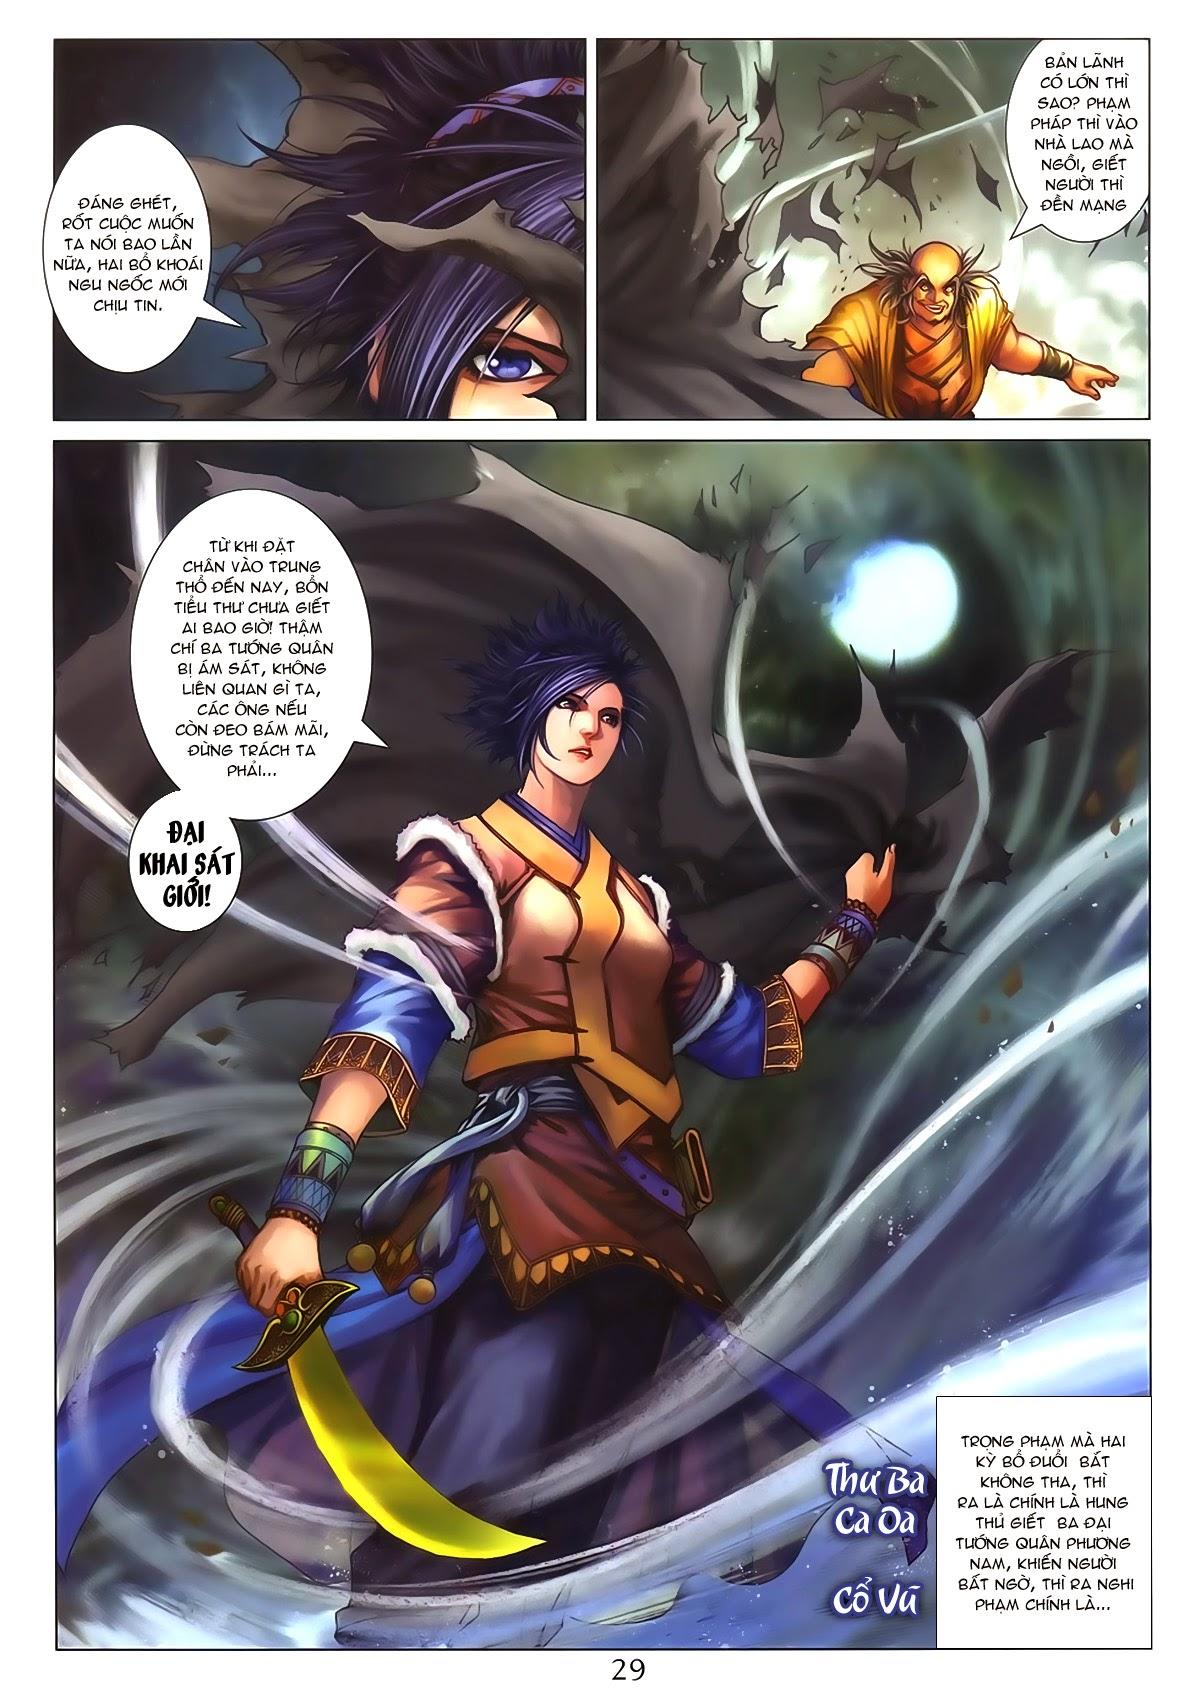 Tứ Đại Danh Bổ Chap 286 - Trang 29